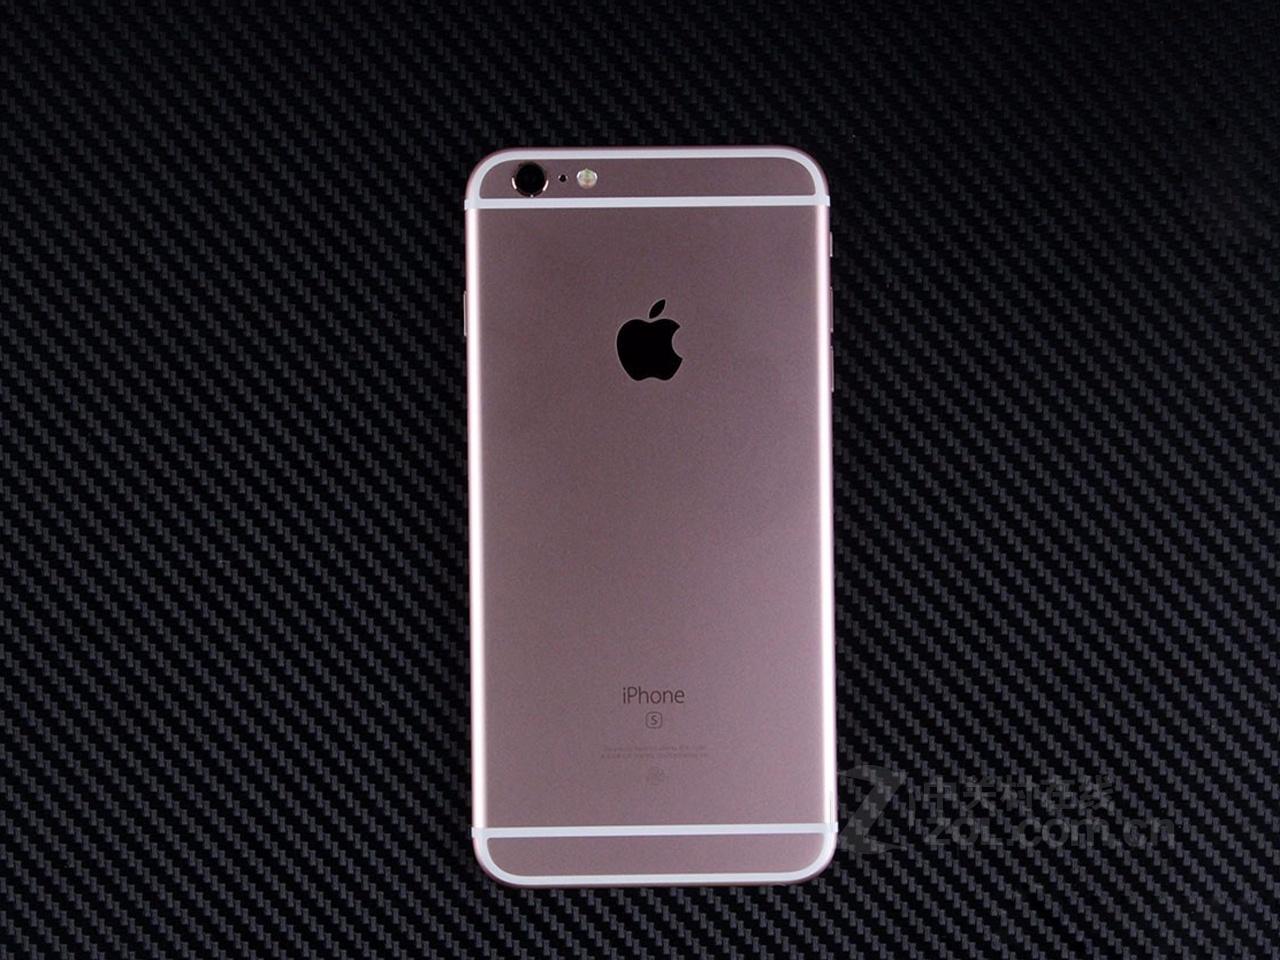 苹果 6s plus重庆售价5480元